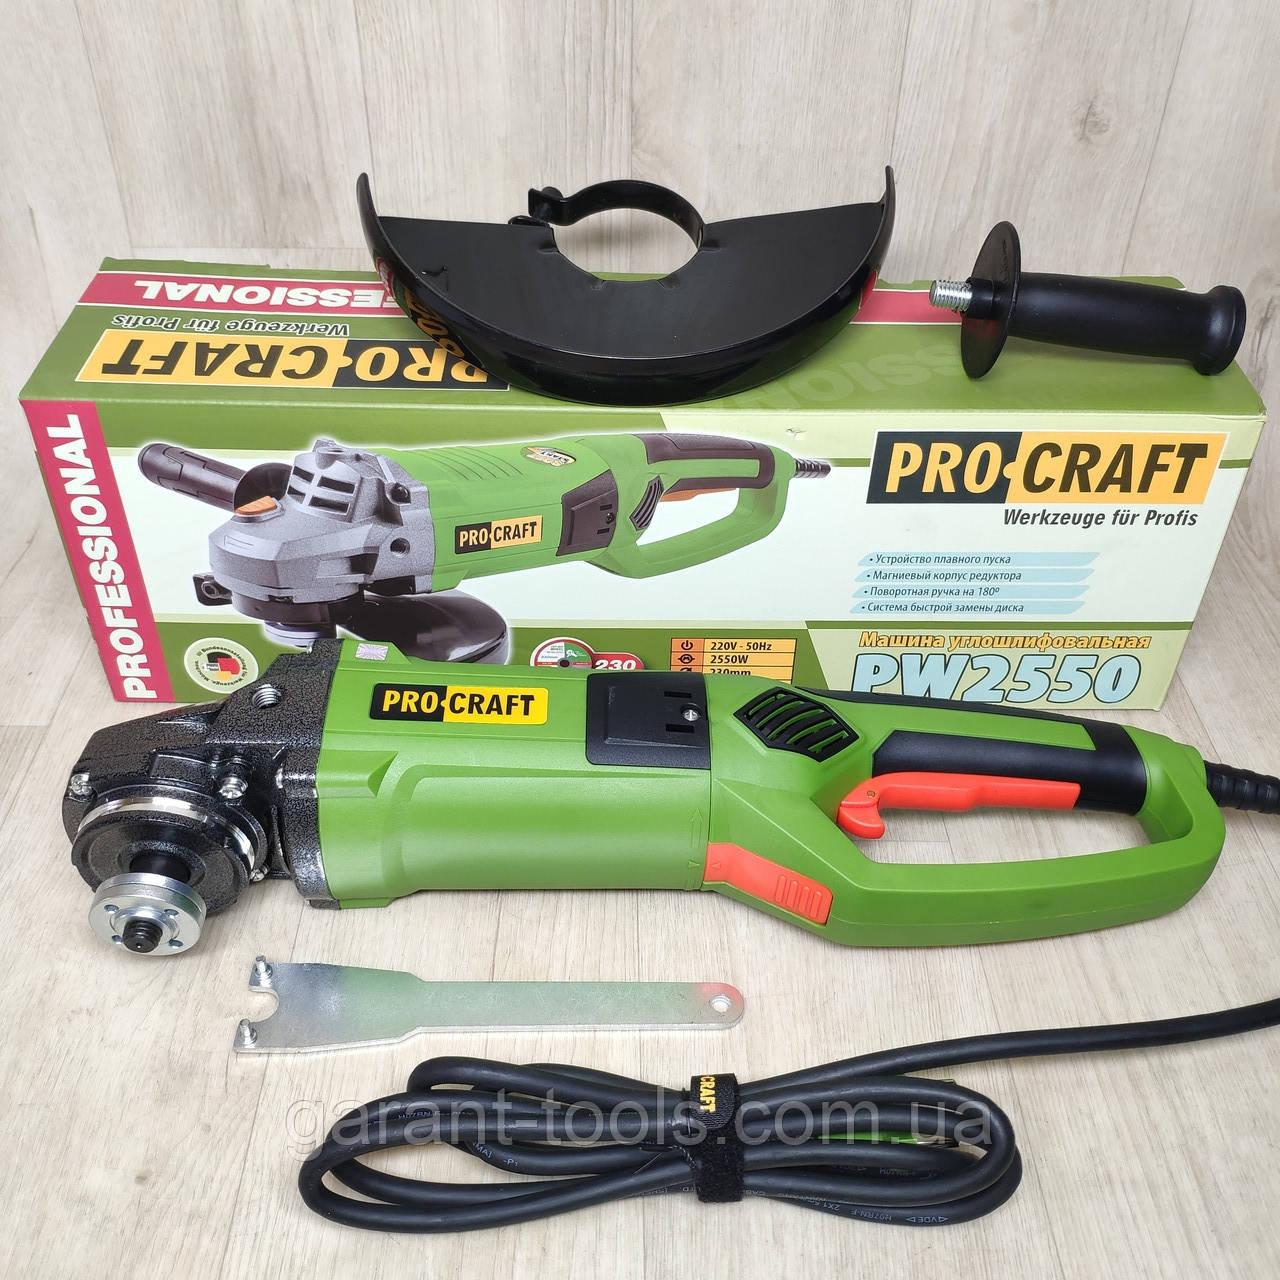 Болгарка PROCRAFT PW- 2550 230 ММ  С поворотной основной ручкой